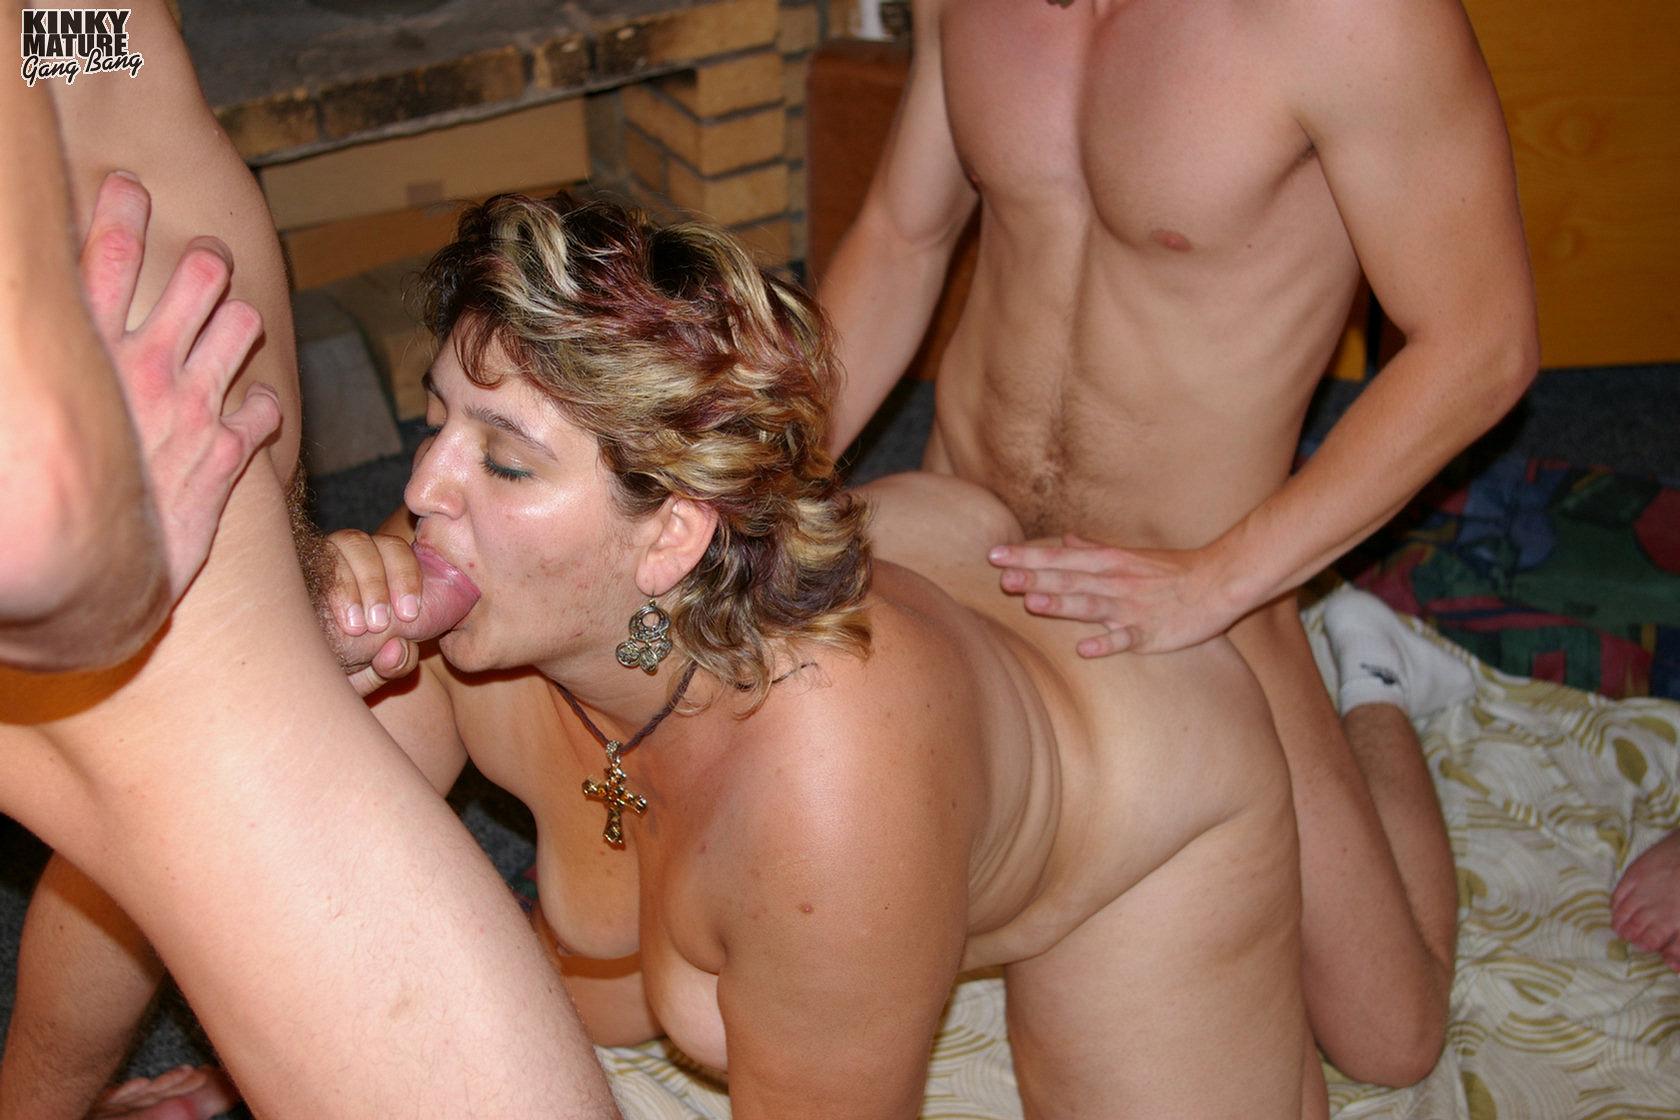 Фото групповой порнухи со зрелыми